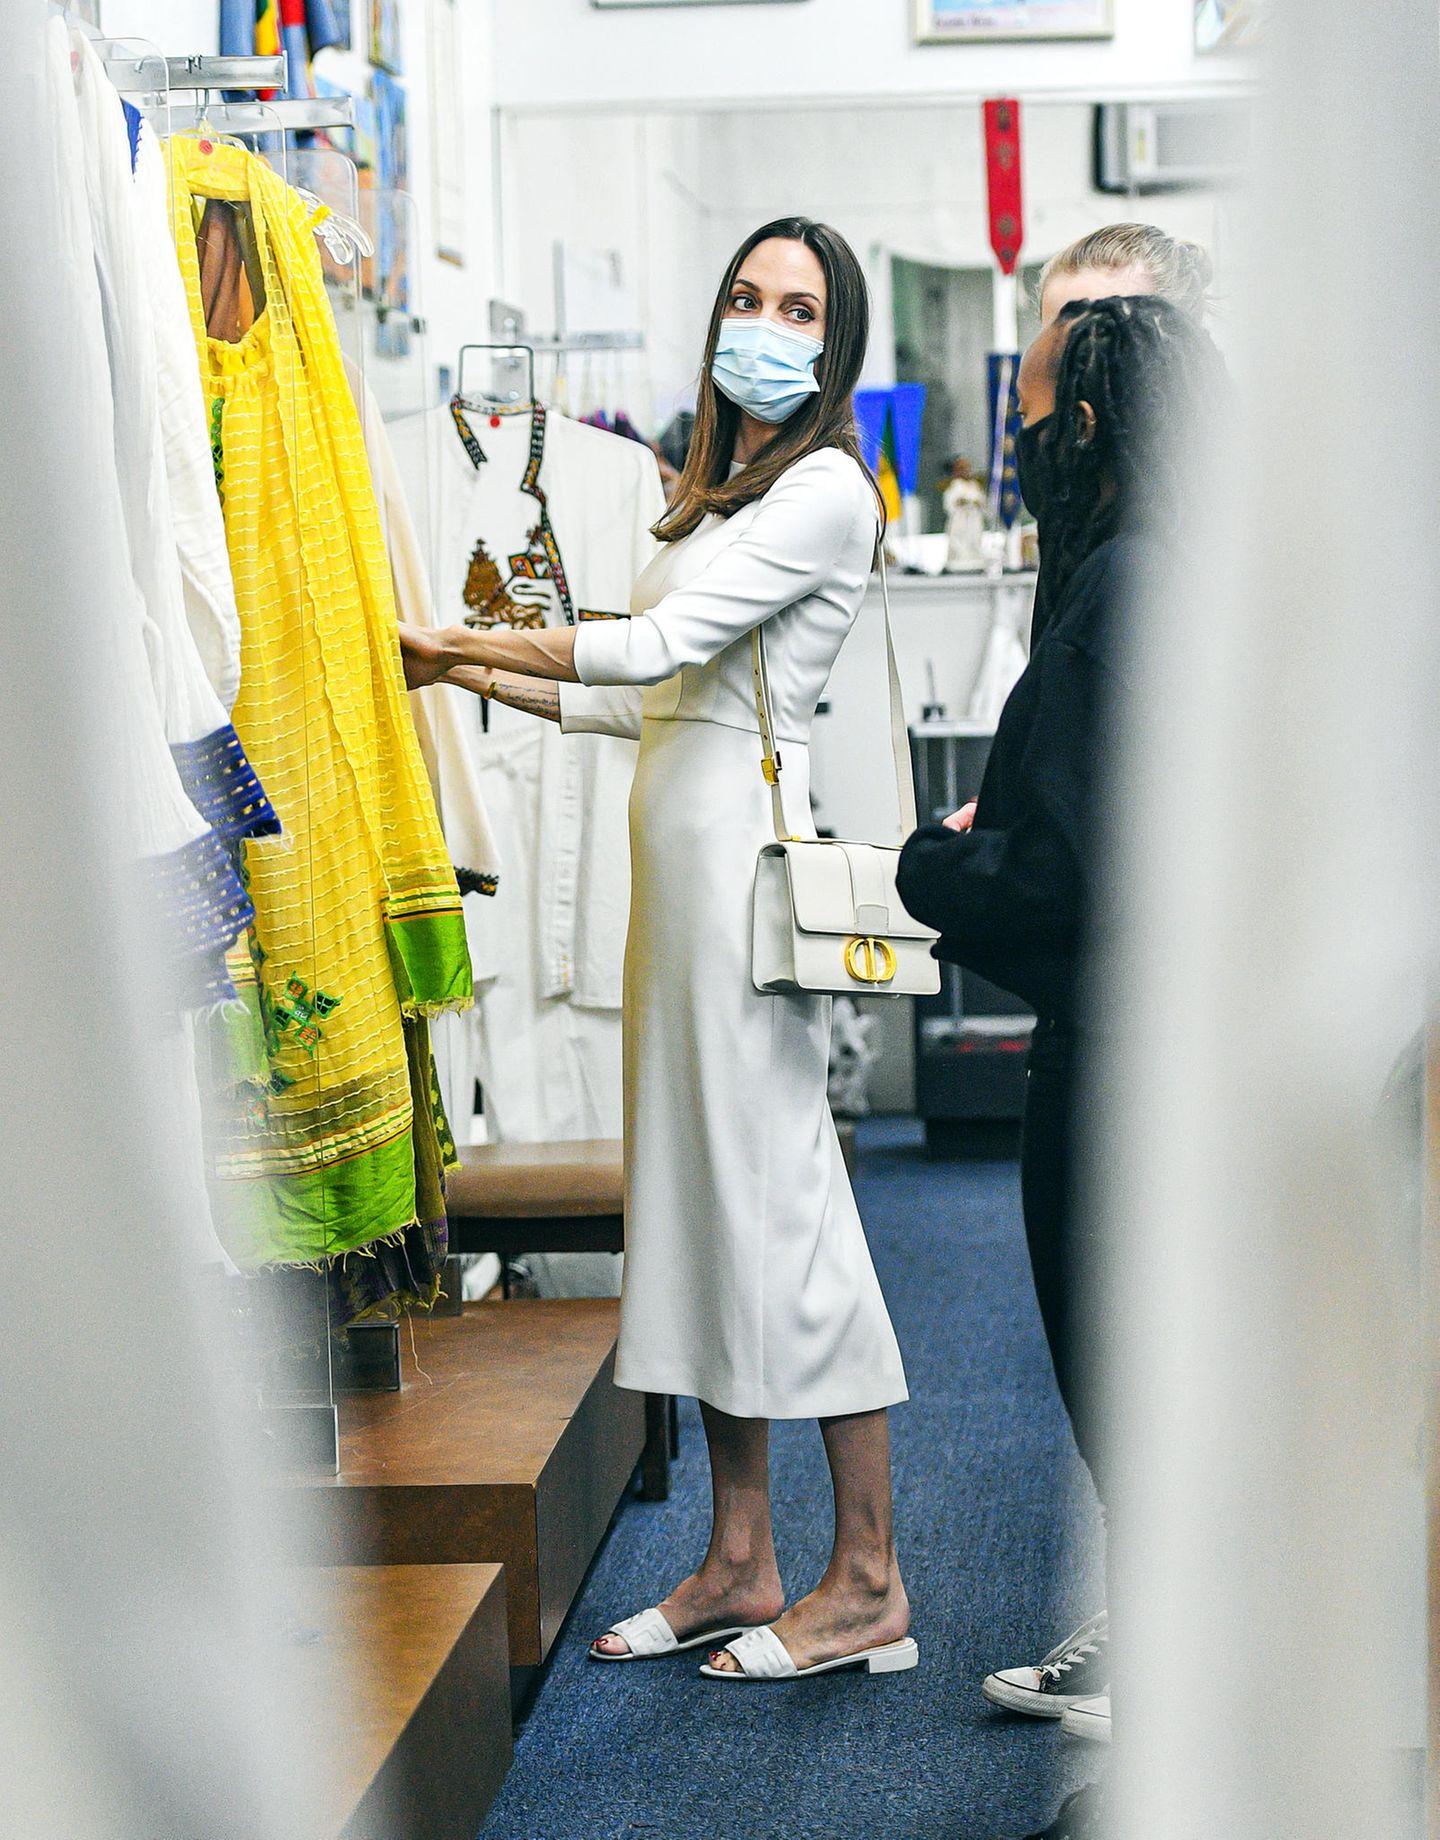 """Angelina Jolie sieht selbst beim Geburtstagsshopping für ihre Tochter Zahara bezaubernd aus. In L.A. wurde die Schauspielerin in diesem basic Luxus-Look gesichtet. Mit eng geschnittenem, weißen Kleid, Fendi-Sandaletten (rund 500 Euro) und der weißen""""30 Montaigne""""-Taschevon Dior (etwa 3000 Euro) stöbert sie gemeinsam mit ihren Töchtern Zahara und Siloh. Die Dior Bag scheint eine ihrer absoluten Lieblinge zu sein, denn die trägt sie bereits seit dem letzten Sommer rauf und runter. Was sollen wir sagen? Können wir total verstehen!"""